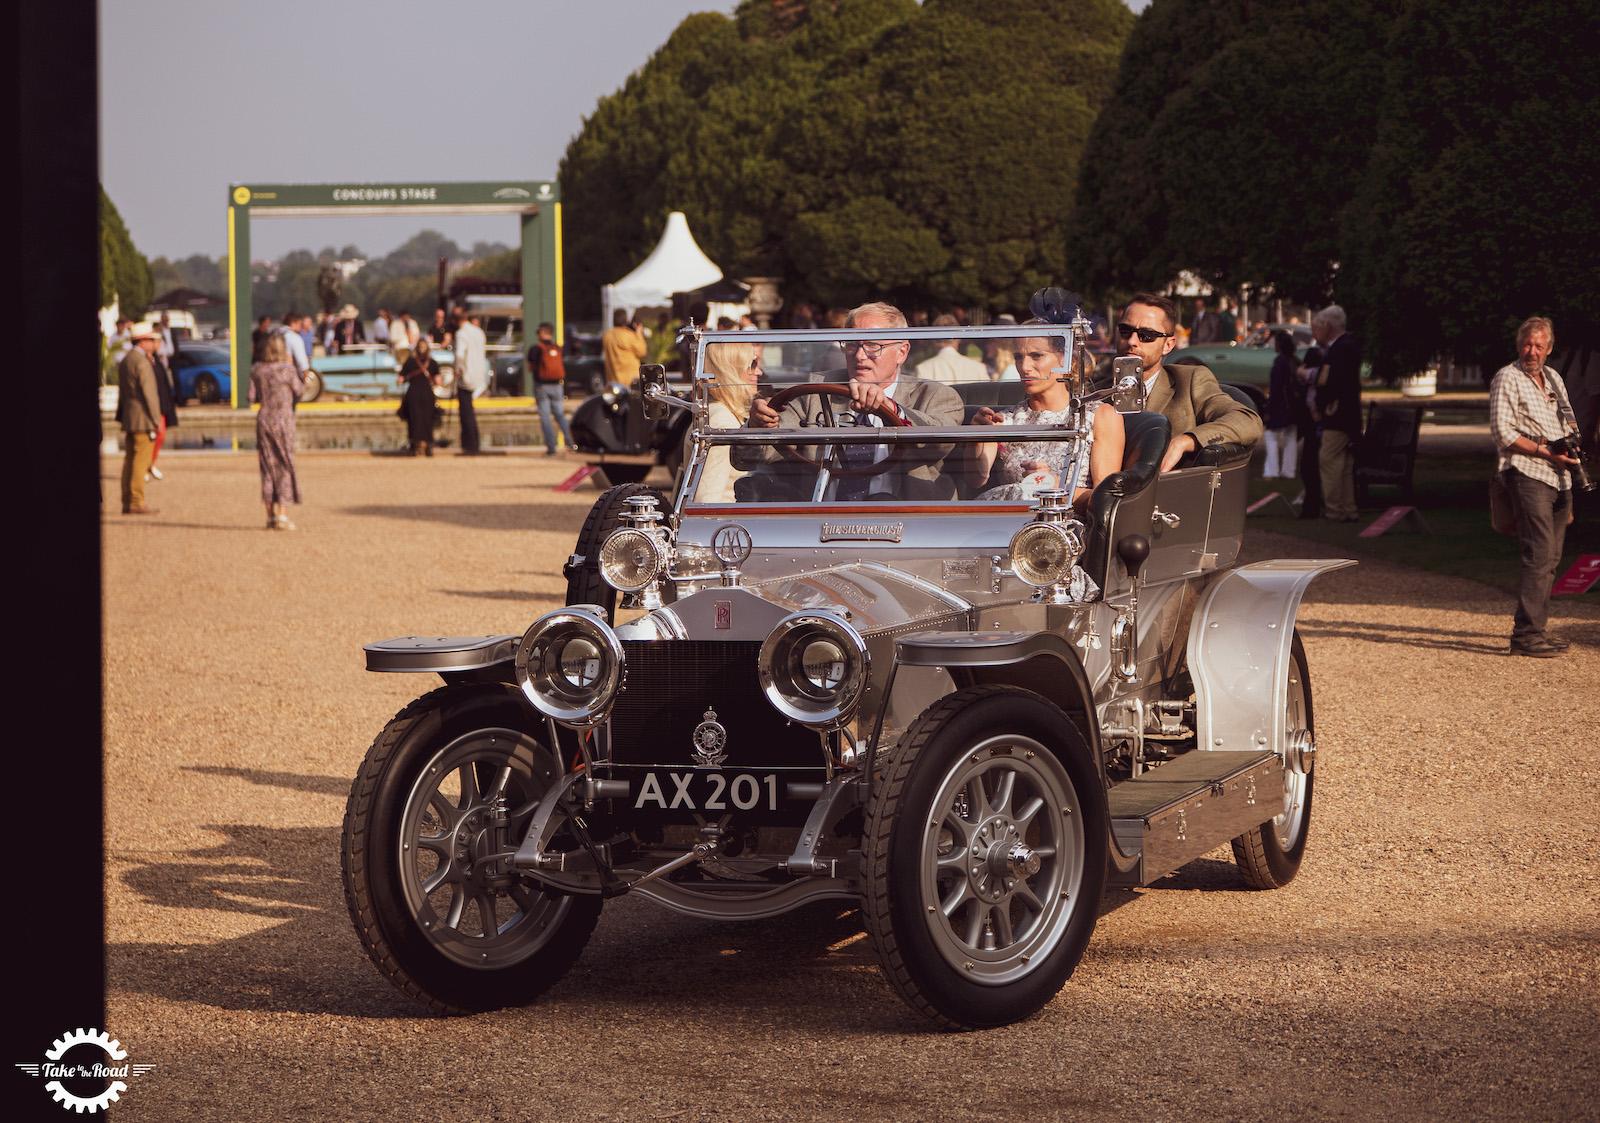 Les joyaux de l'automobile éblouissent au Concours d'Elégance 2021